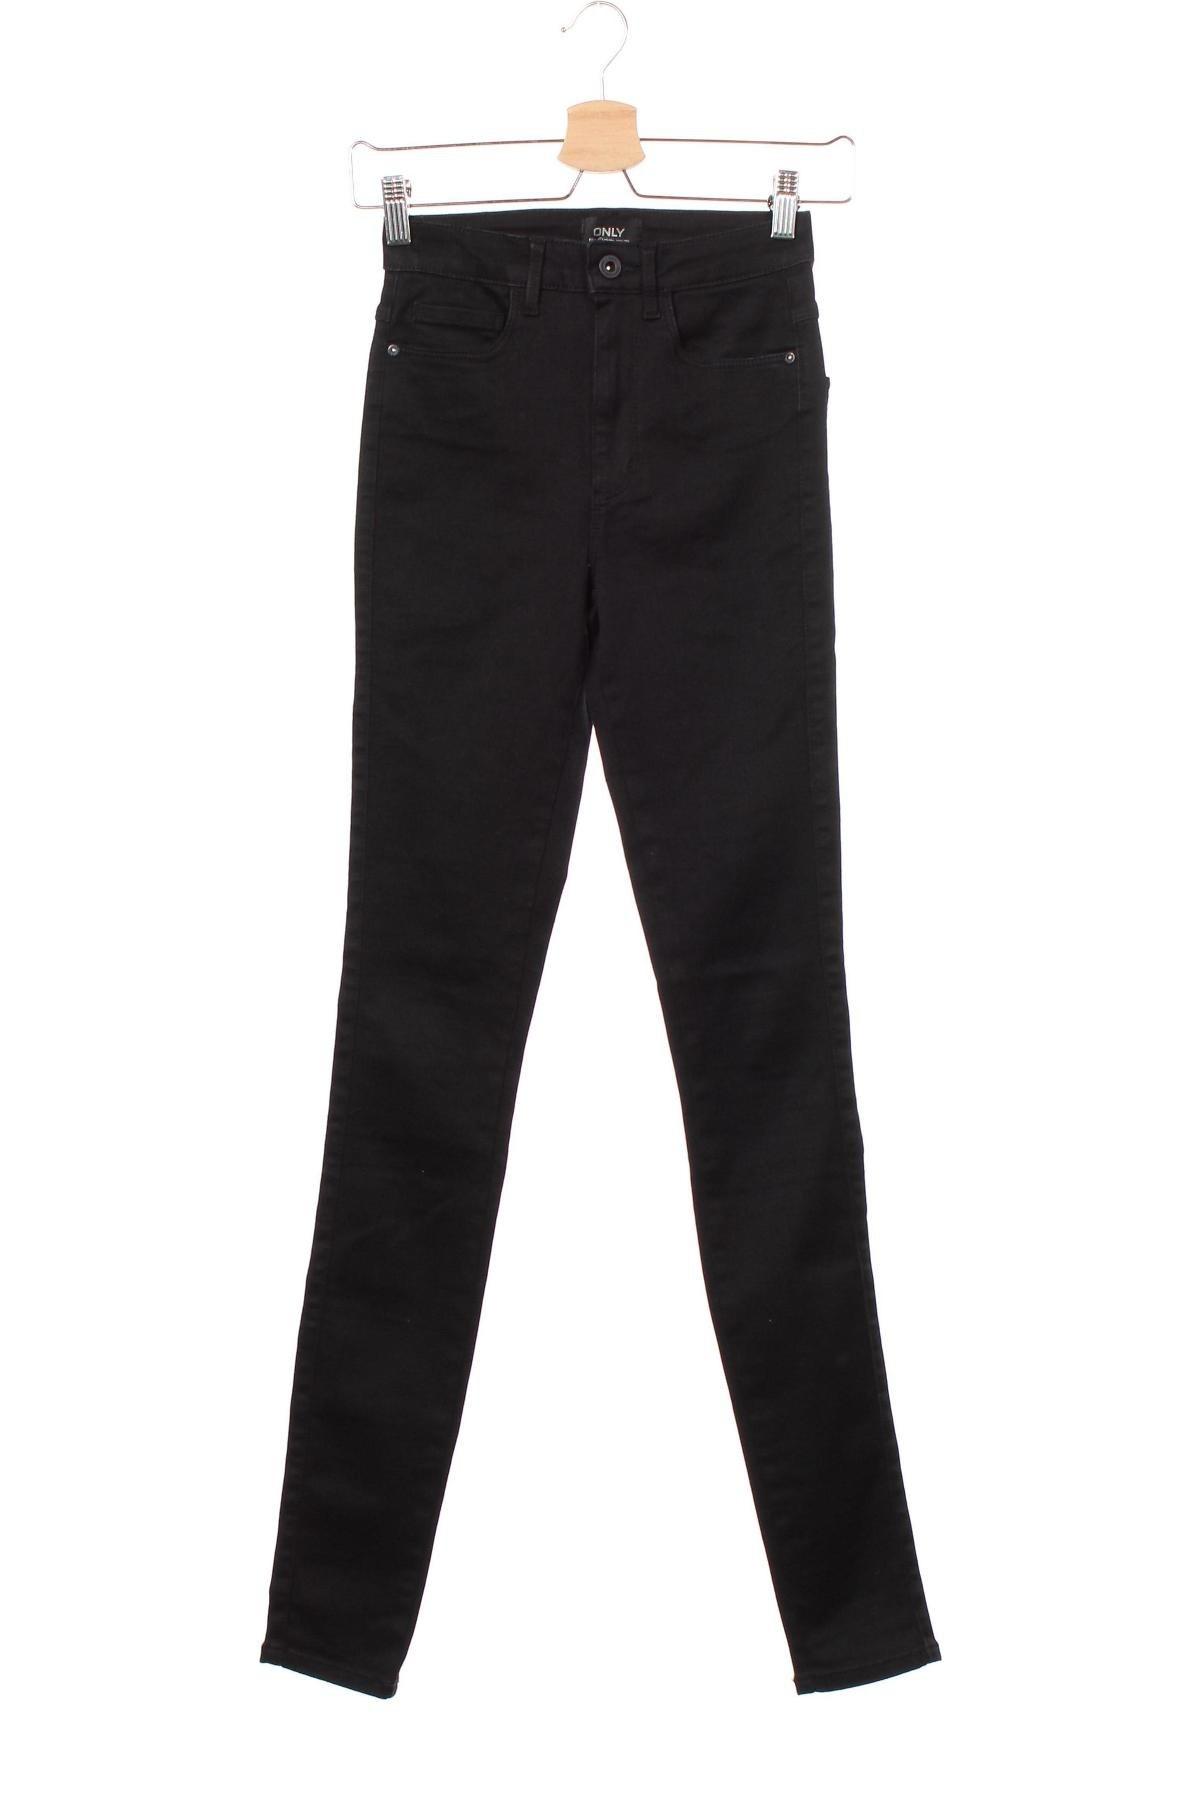 Дамски дънки ONLY, Размер XS, Цвят Черен, 29% полиестер, 2% еластан, 69% памук, Цена 26,88лв.